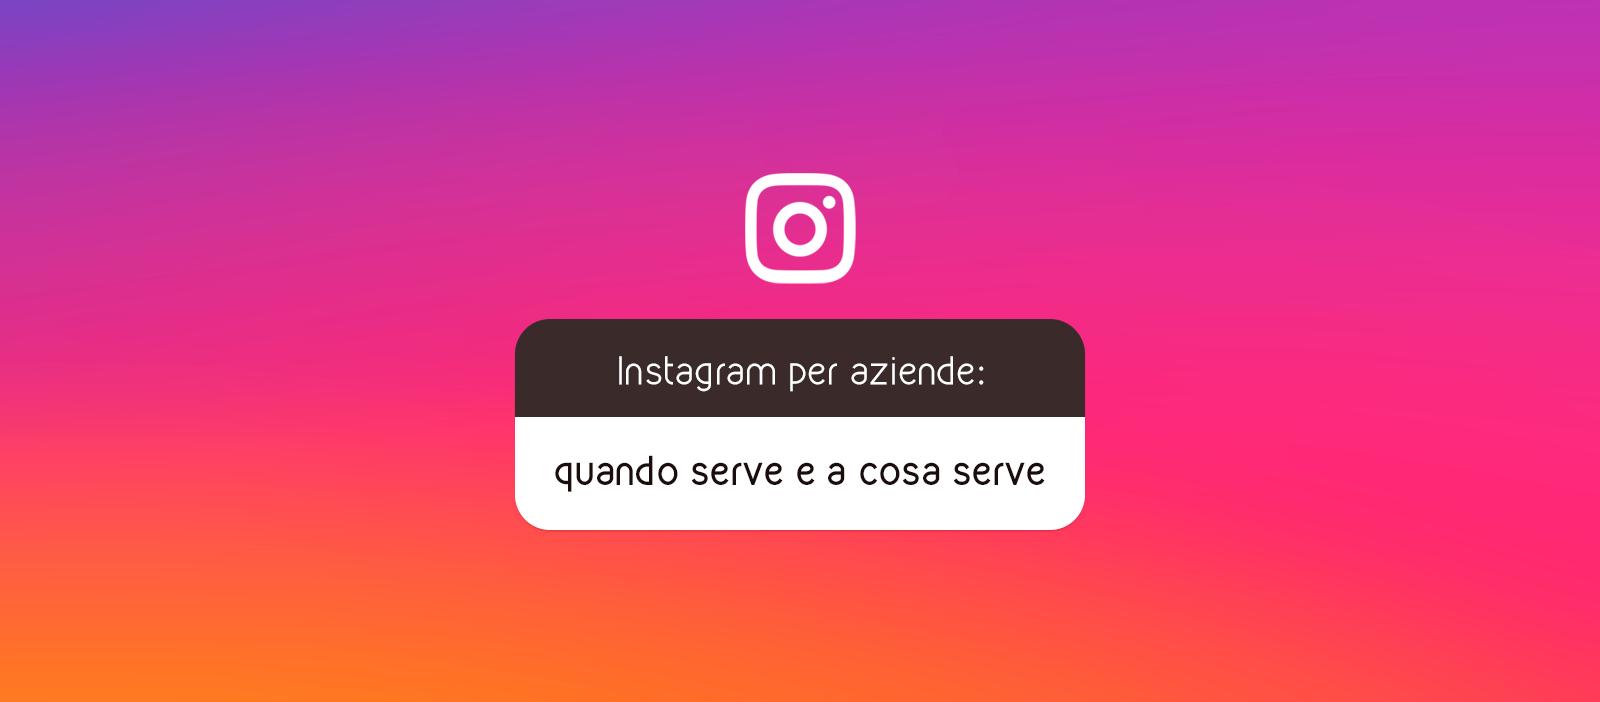 Instagram per aziende: quando serve e a cosa serve